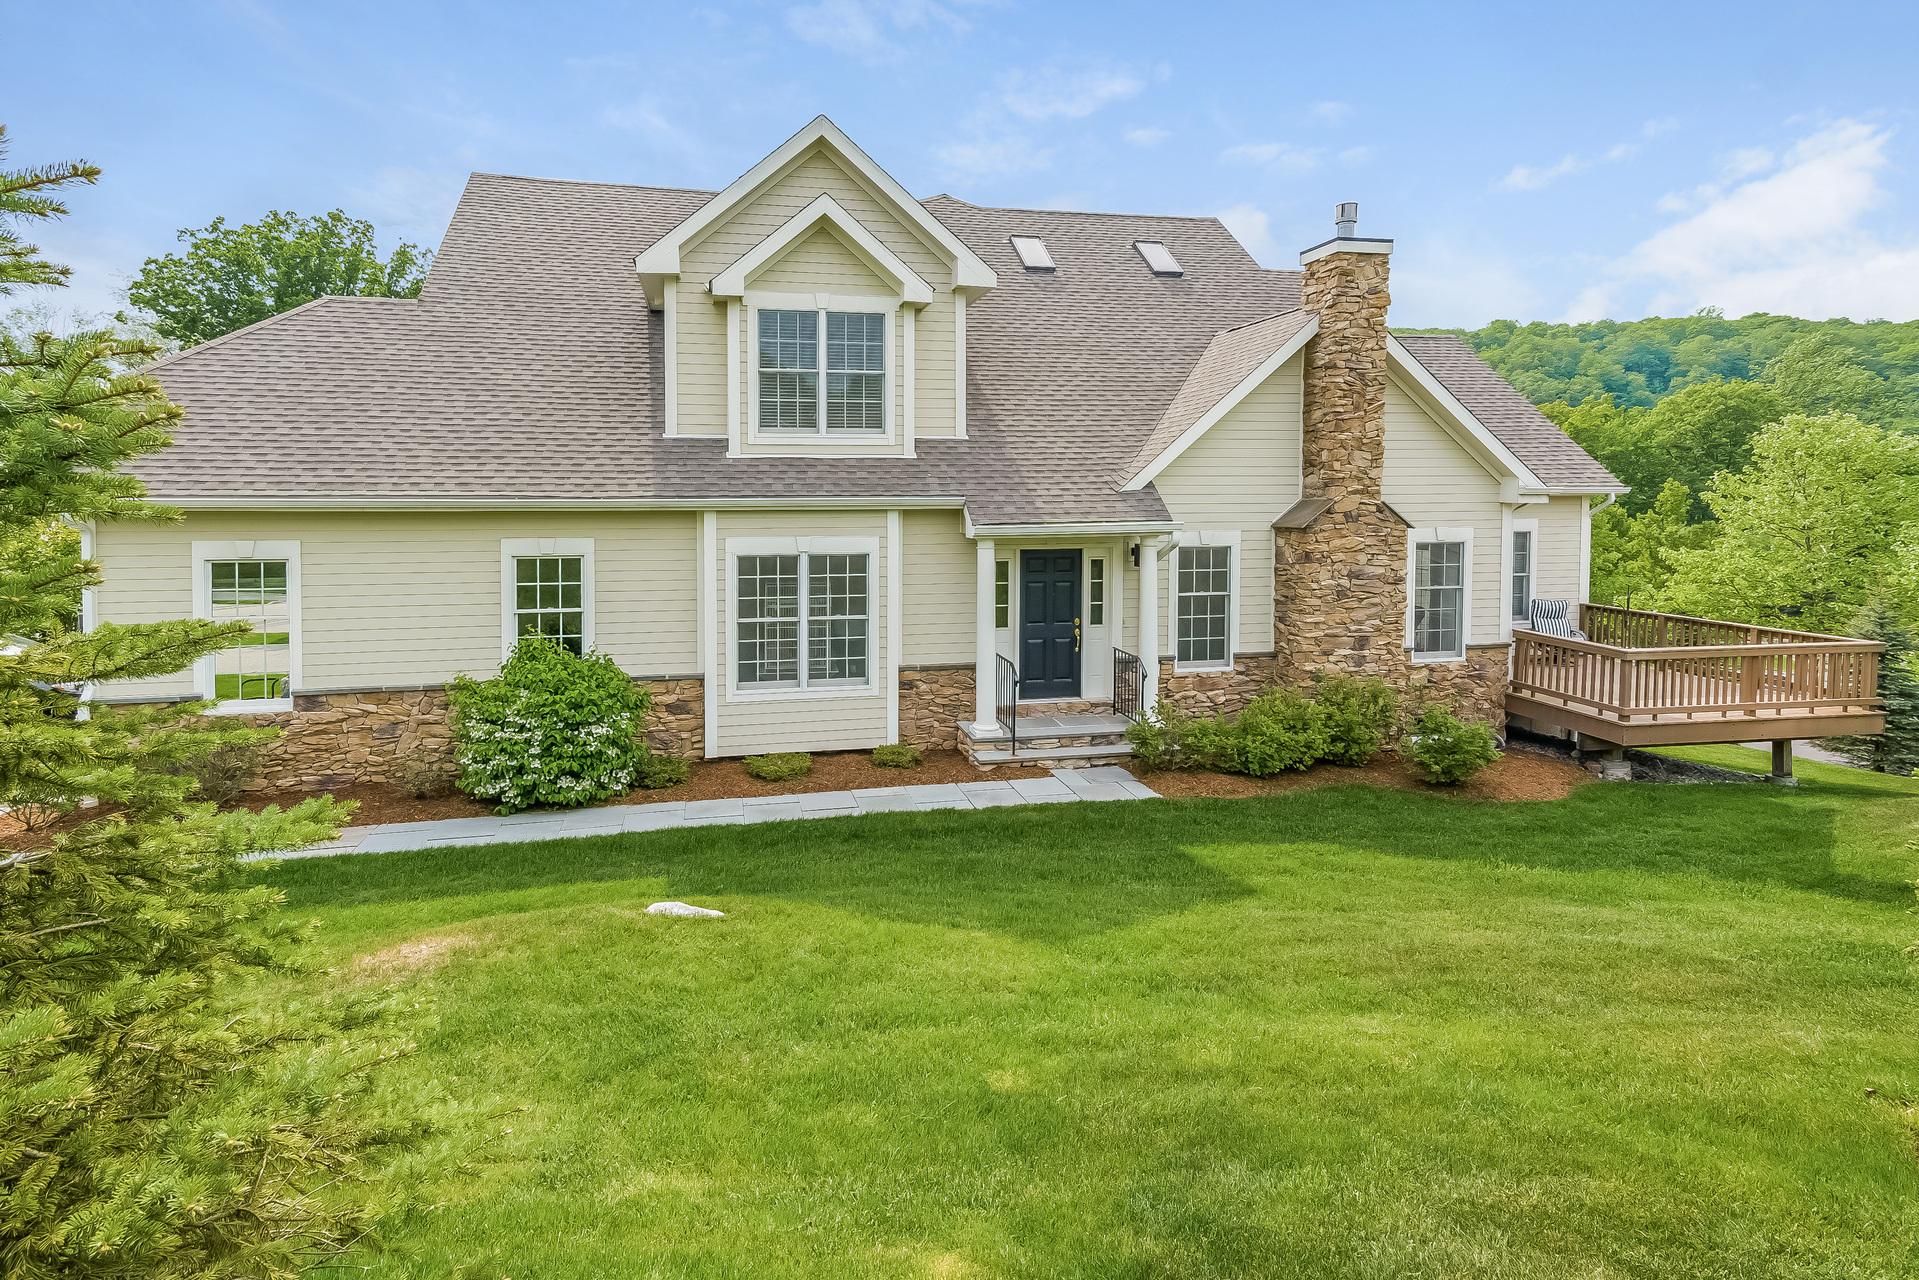 Appartement en copropriété pour l Vente à Best value at the Regency 638 Danbury Road 73 Ridgefield, Connecticut 06877 États-Unis